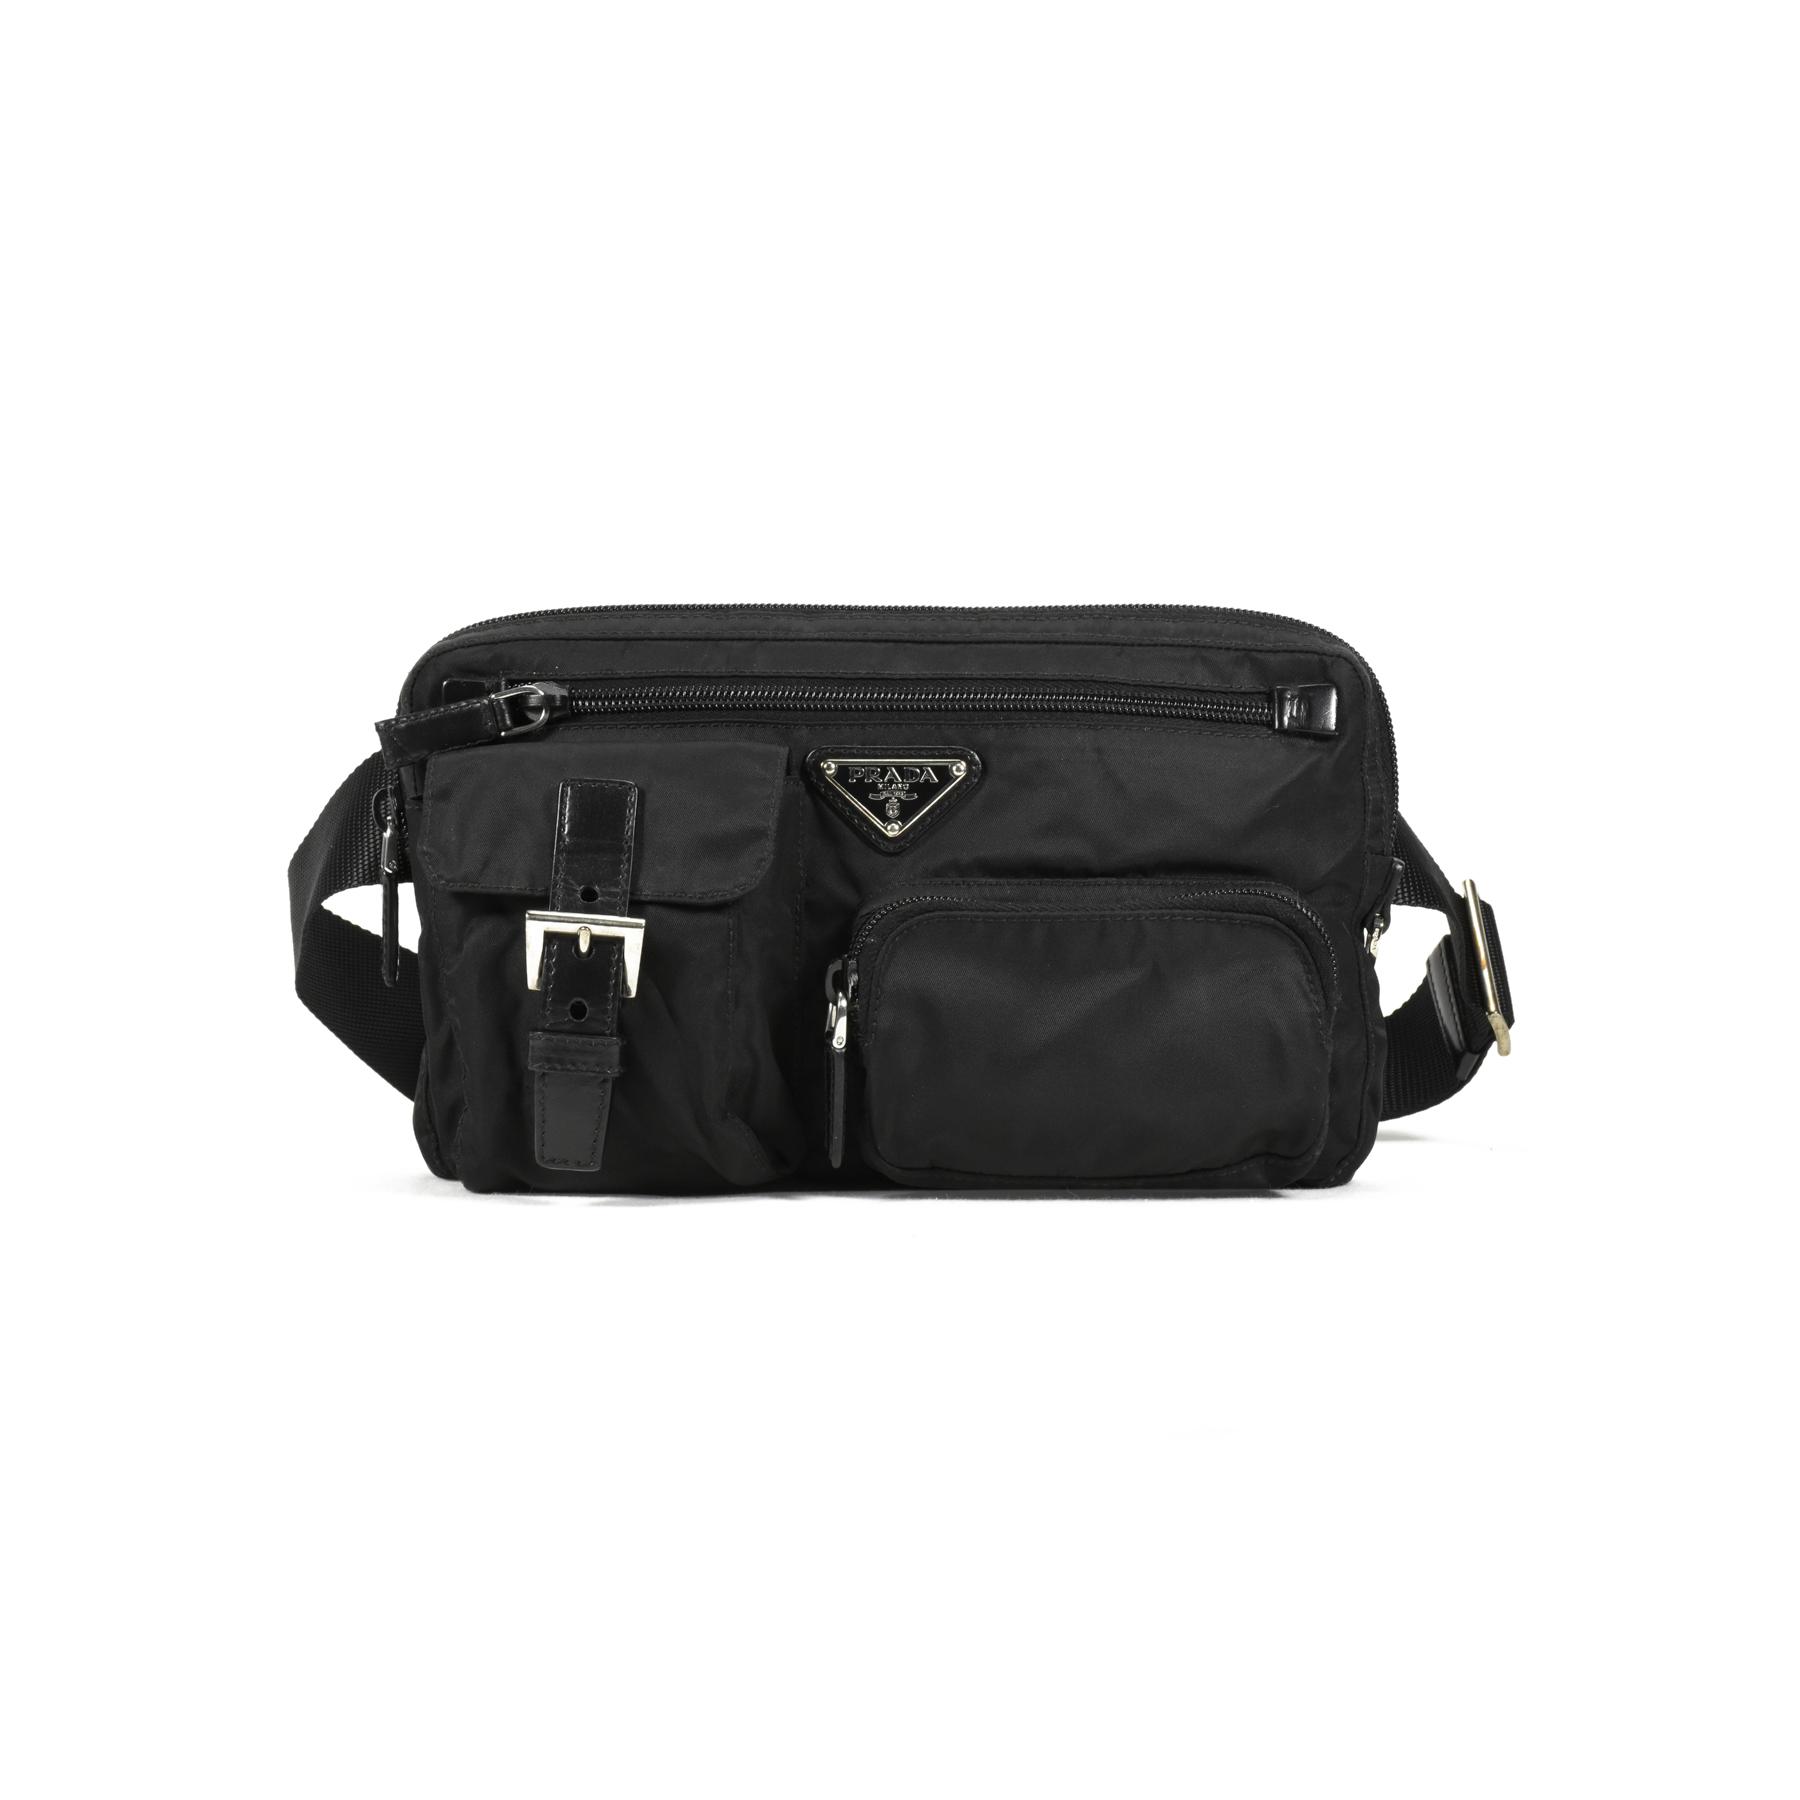 71f9fd9dc1656 Nylon Belt Bag